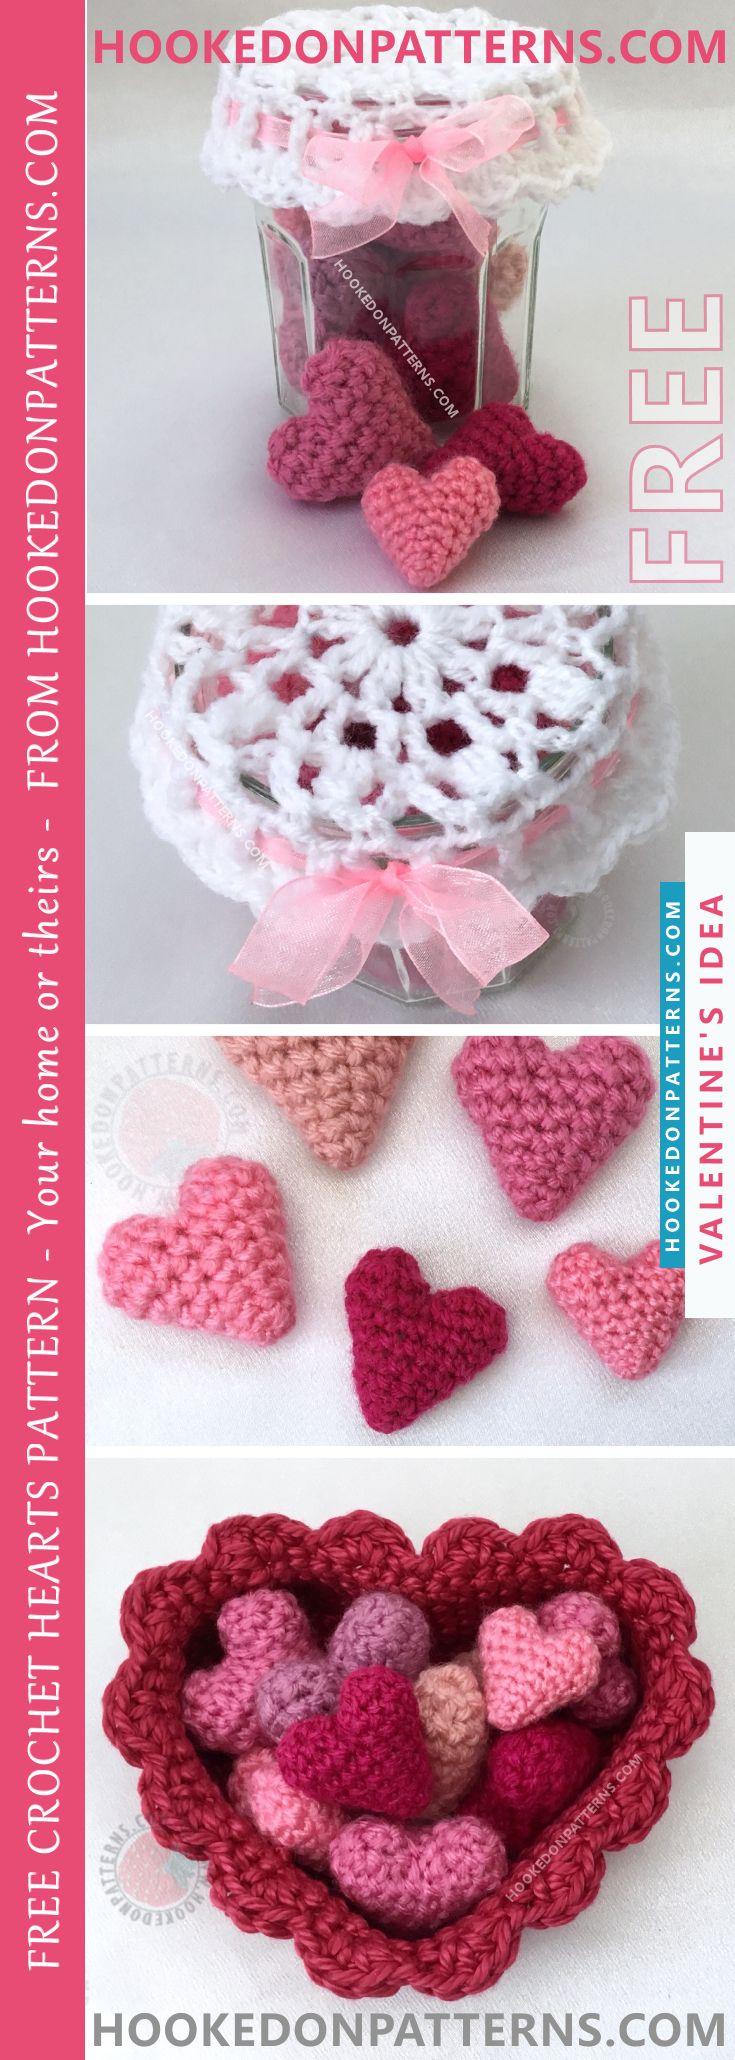 Free Crochet Hearts Pattern - Jar of Hearts | Free heart crochet ...